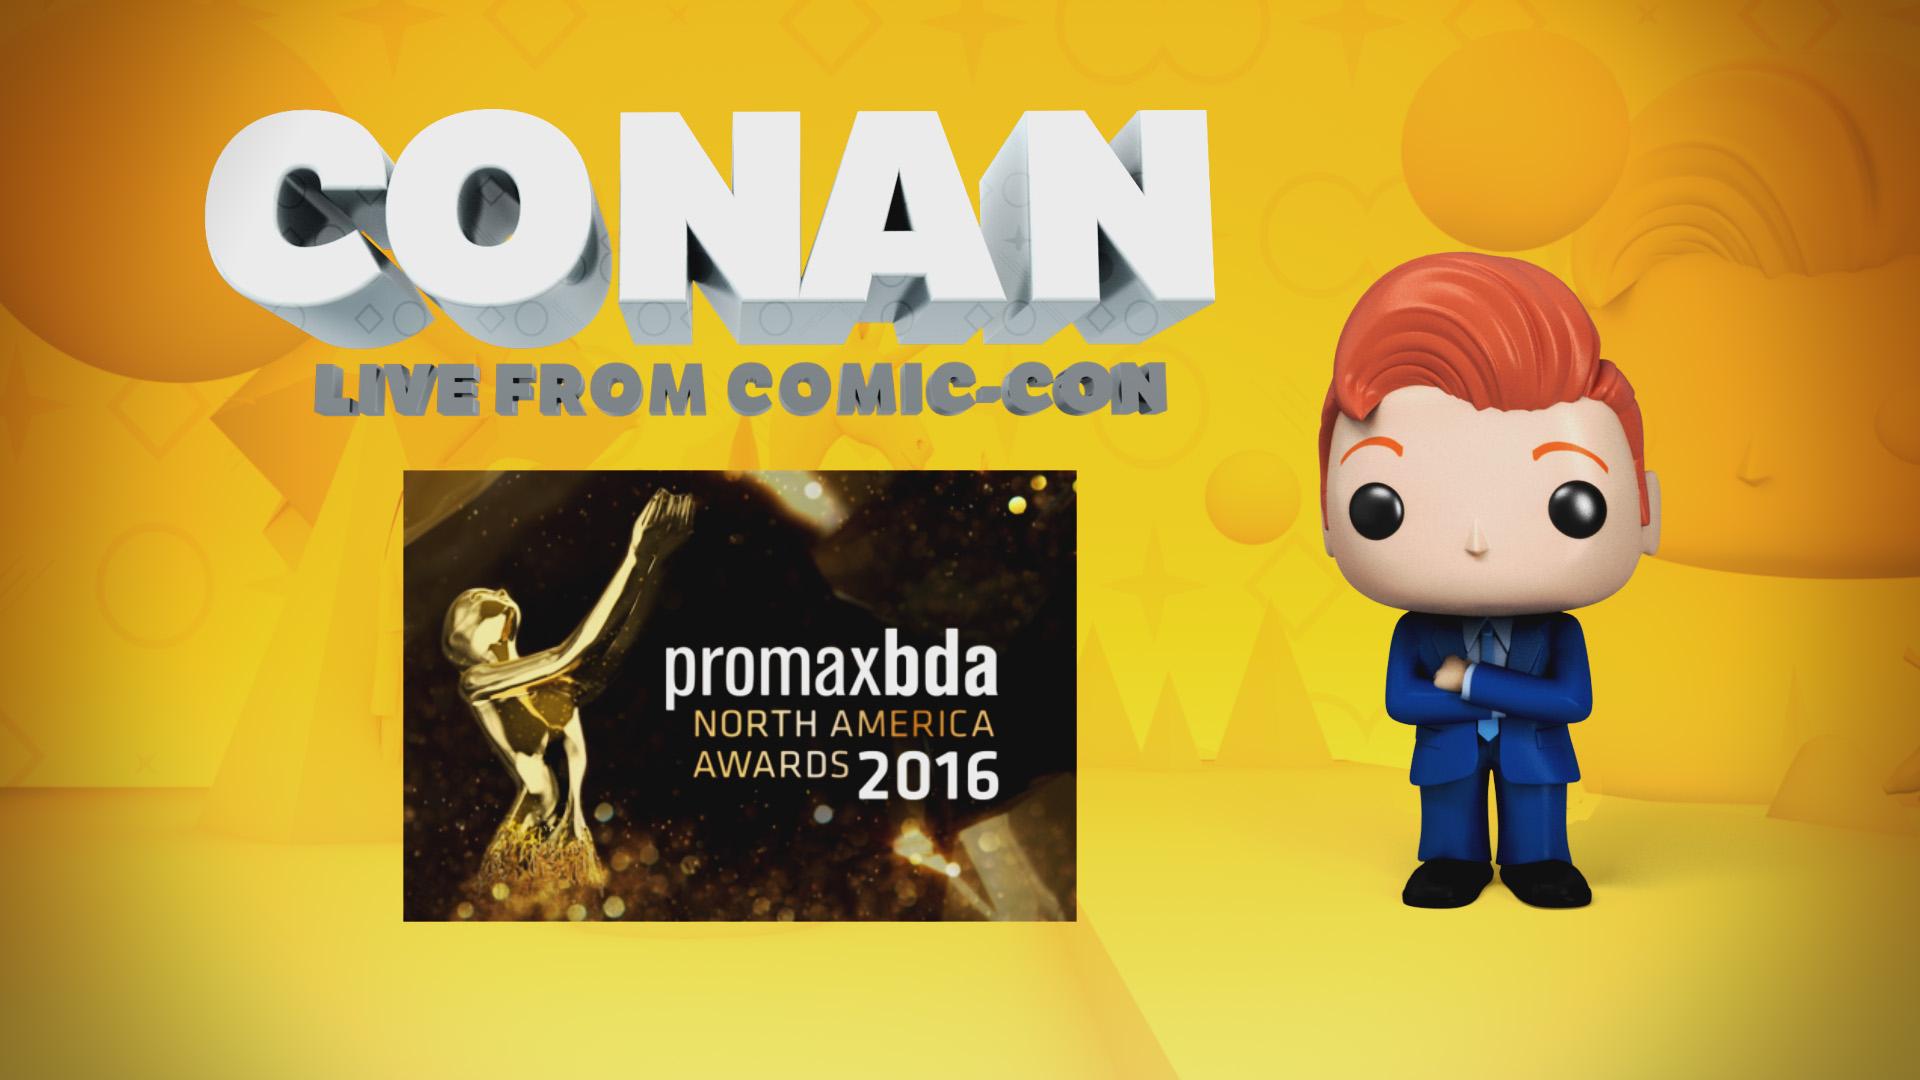 conanpromax